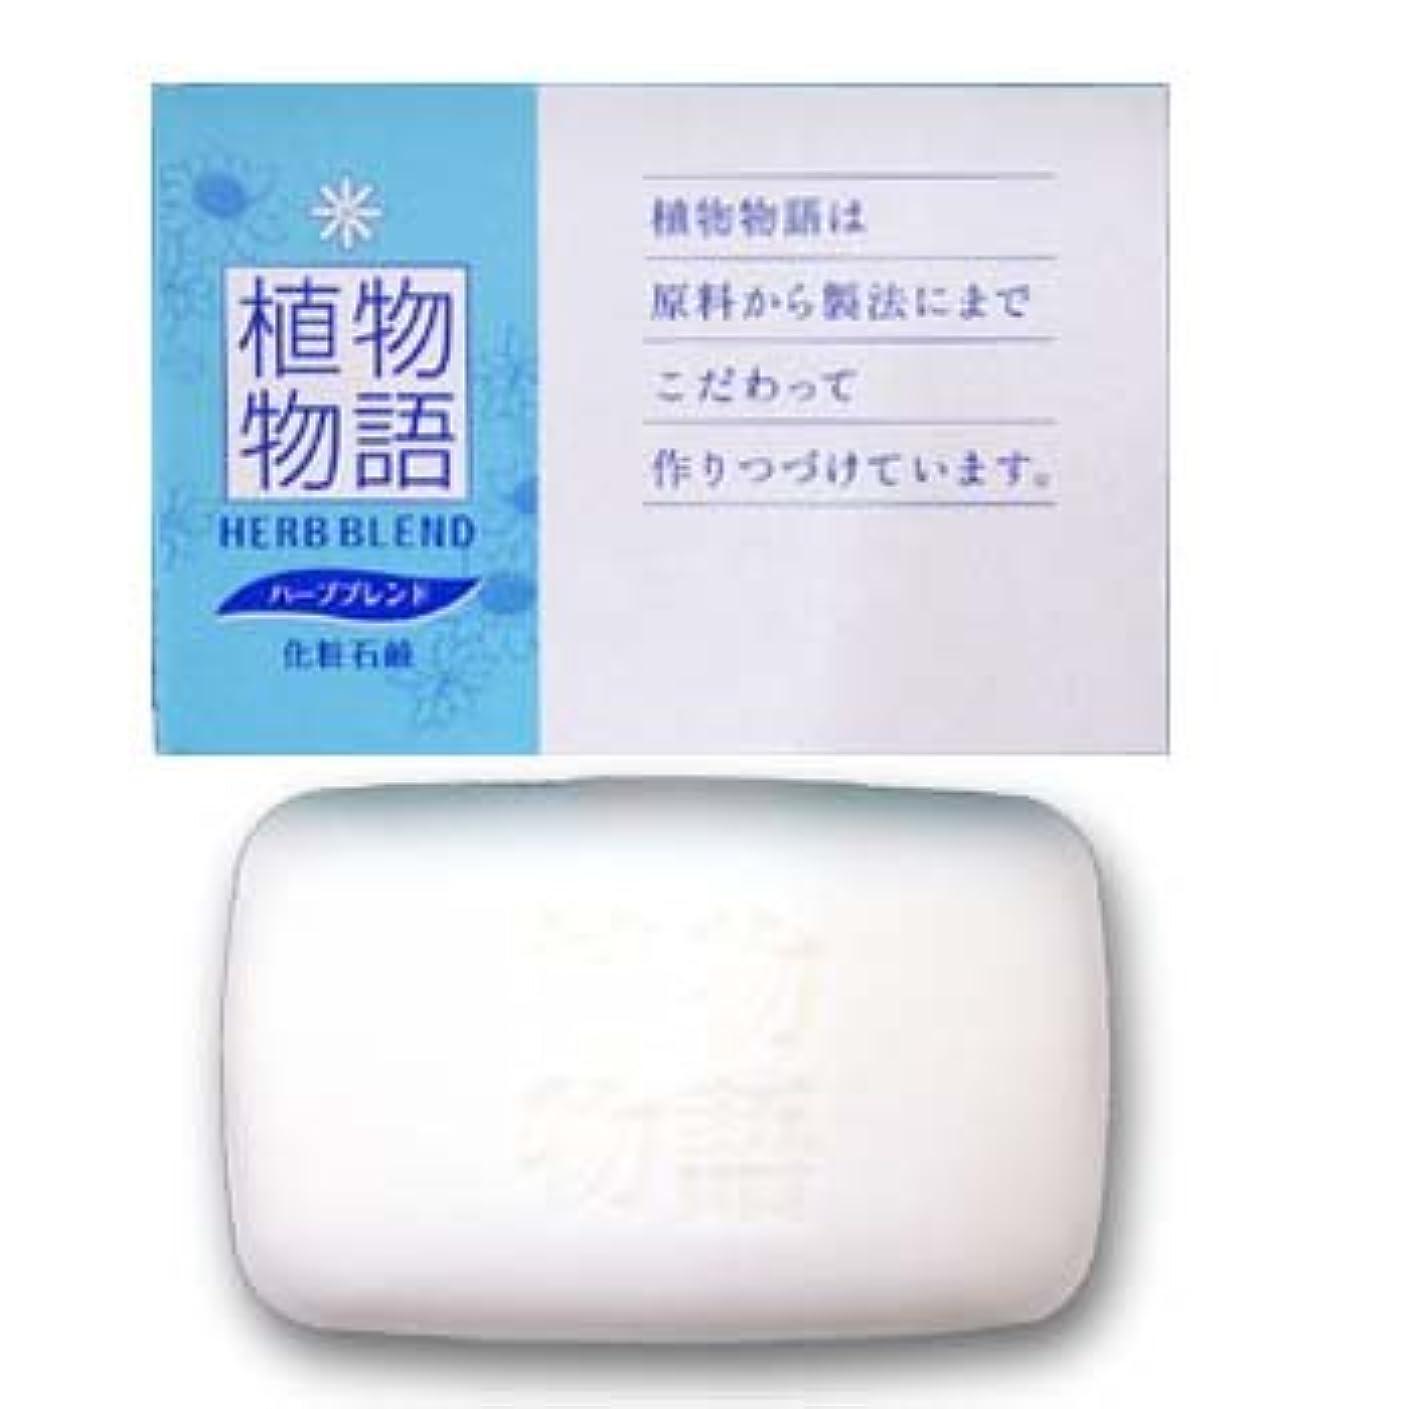 個性亜熱帯全滅させるLION 植物物語石鹸80g化粧箱入(1セット100個入)